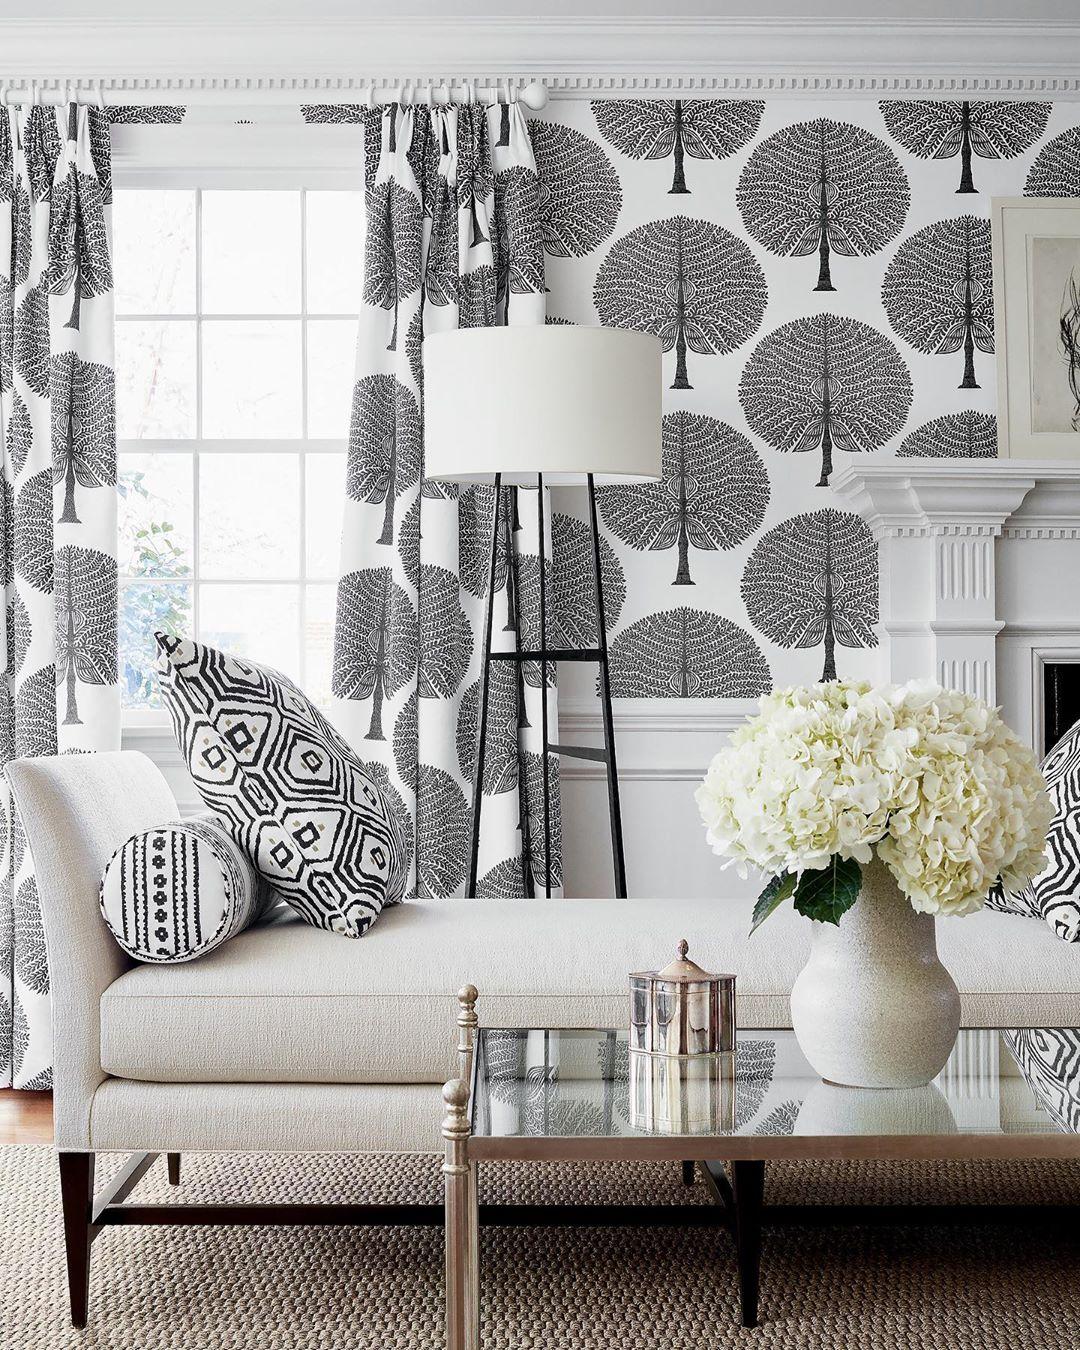 Wallpaper Dinding Ruang Tamu Minimalis Motif Pepohonan